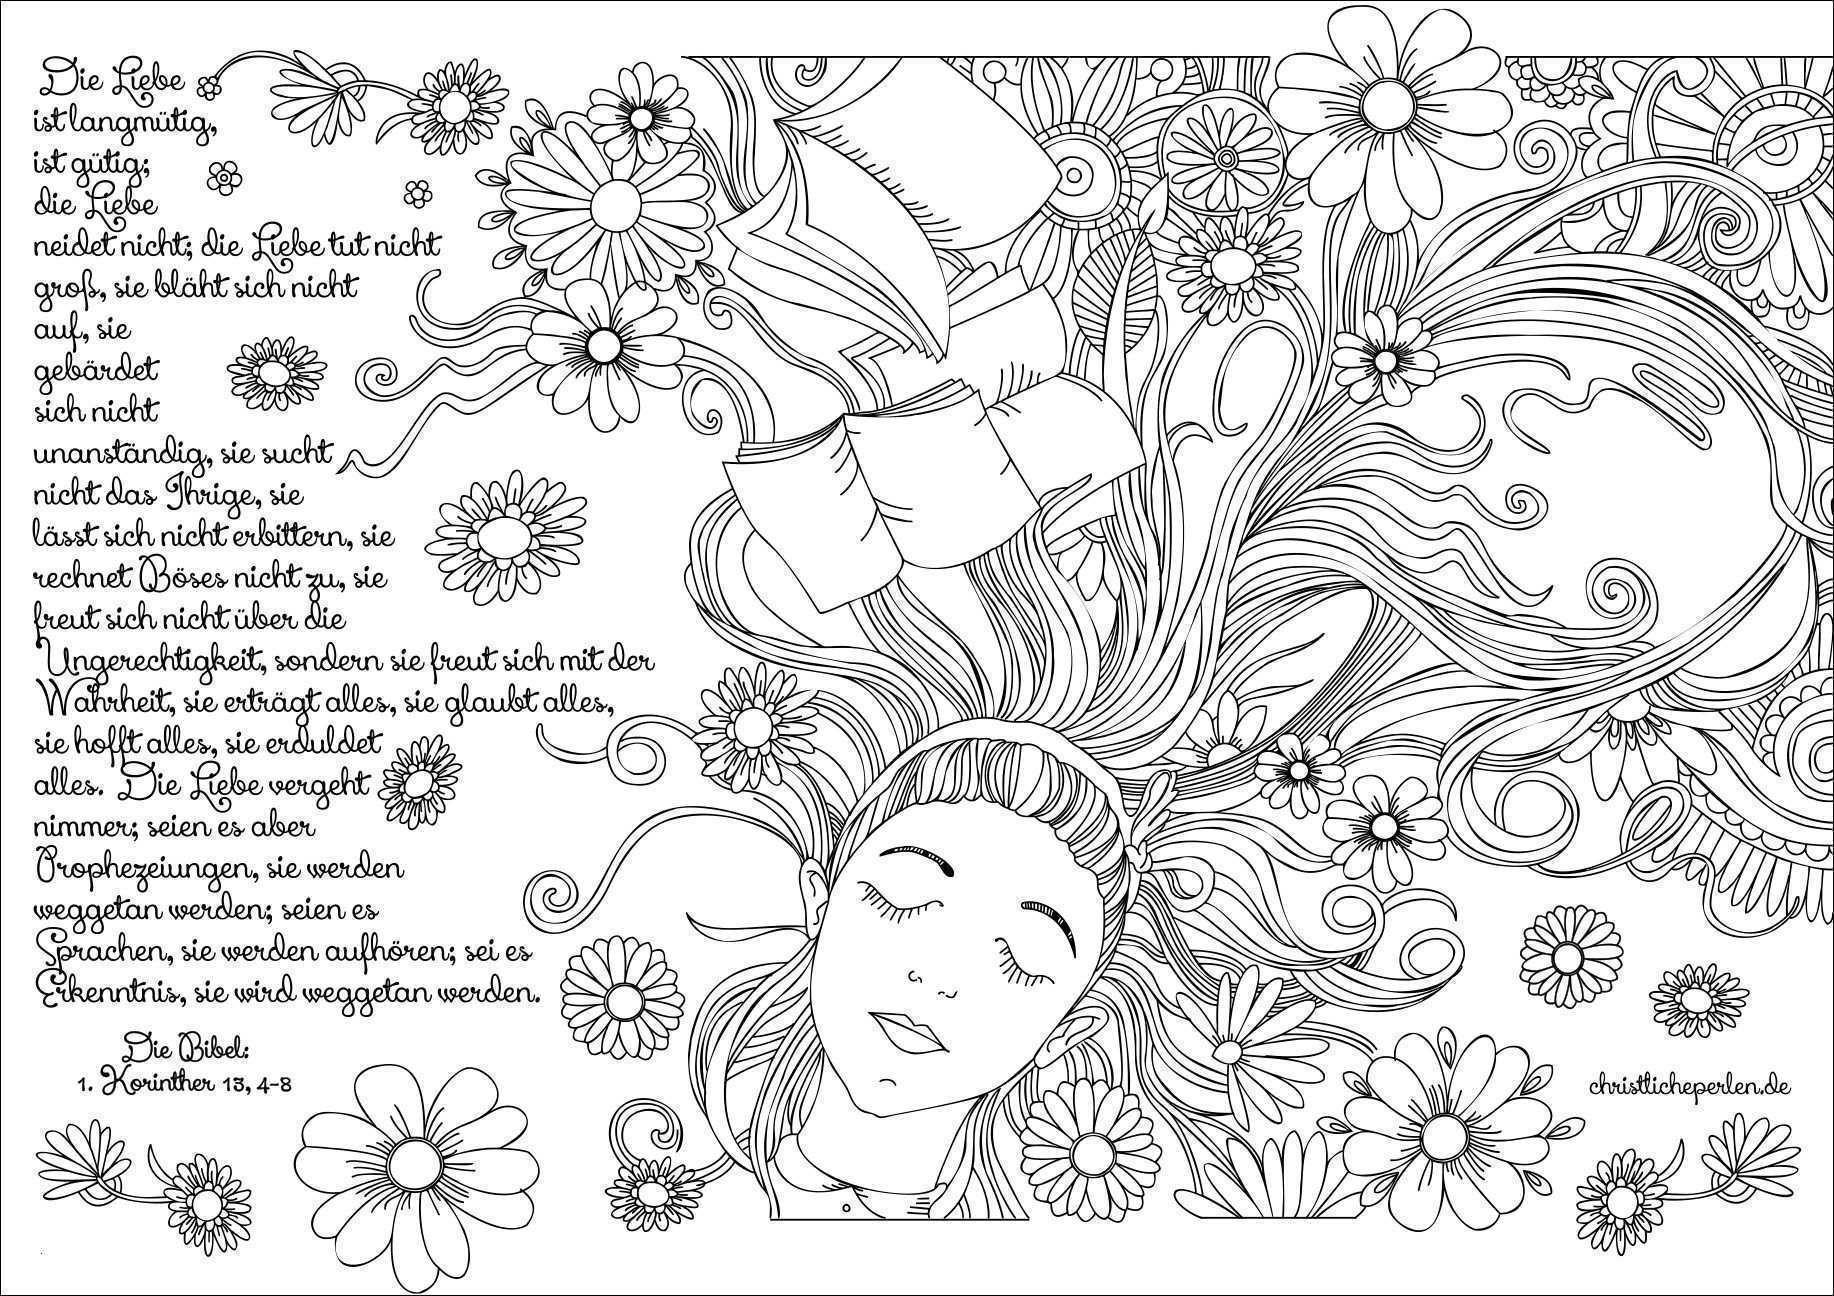 Ausmalbilder Einhorn Kostenlos Frisch Ausmalbild Lillifee Kostenlos Galerie Malvorlagen Igel Inspirierend Bild